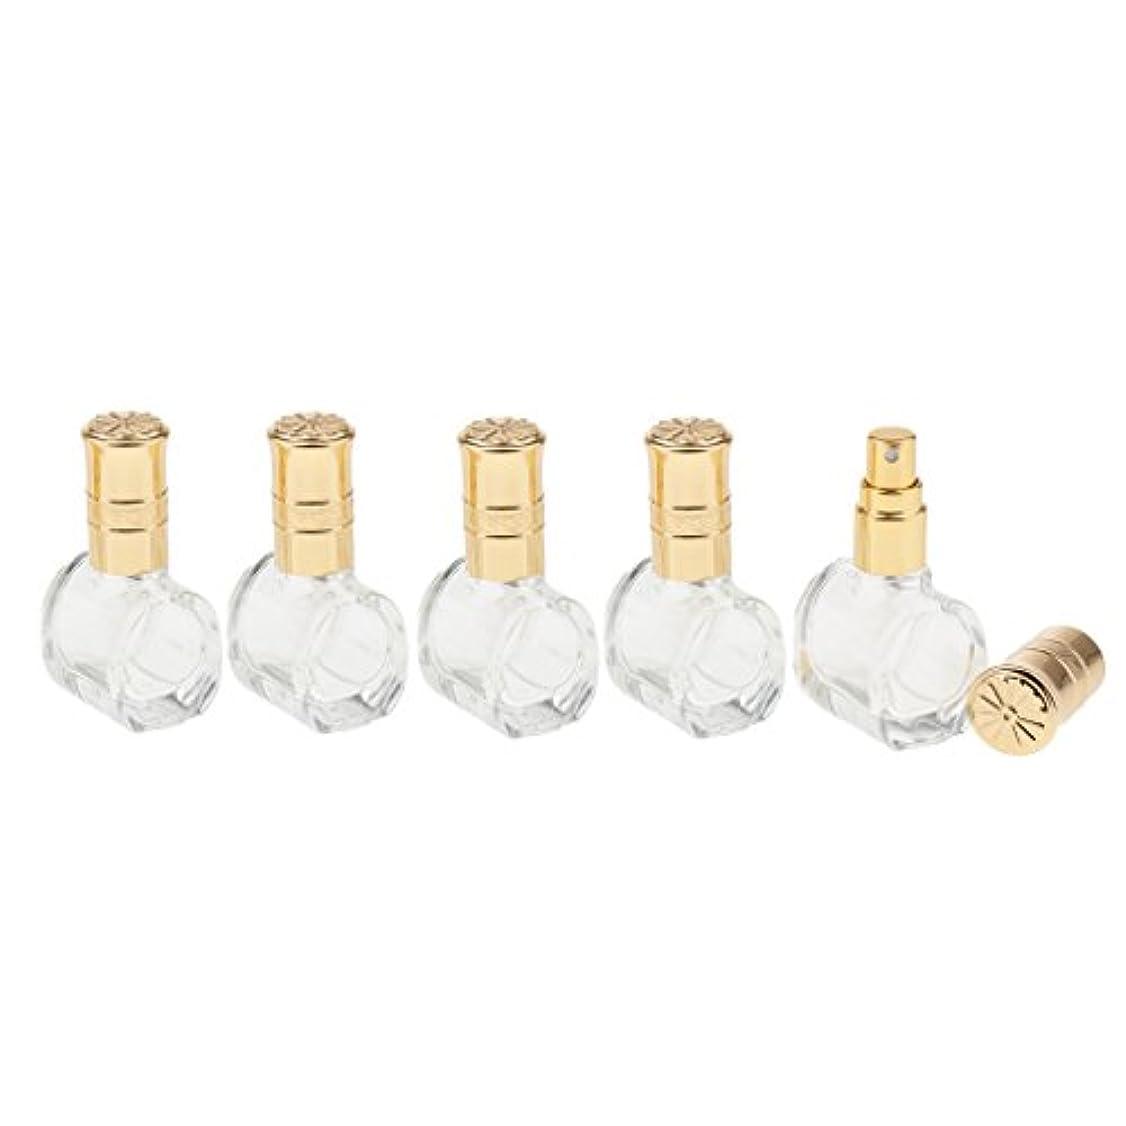 比較プレーヤータフFenteer 5個 ガラス ボトル 空ボトル 詰替え オイル 香水 アトマイザー スプレーボトル